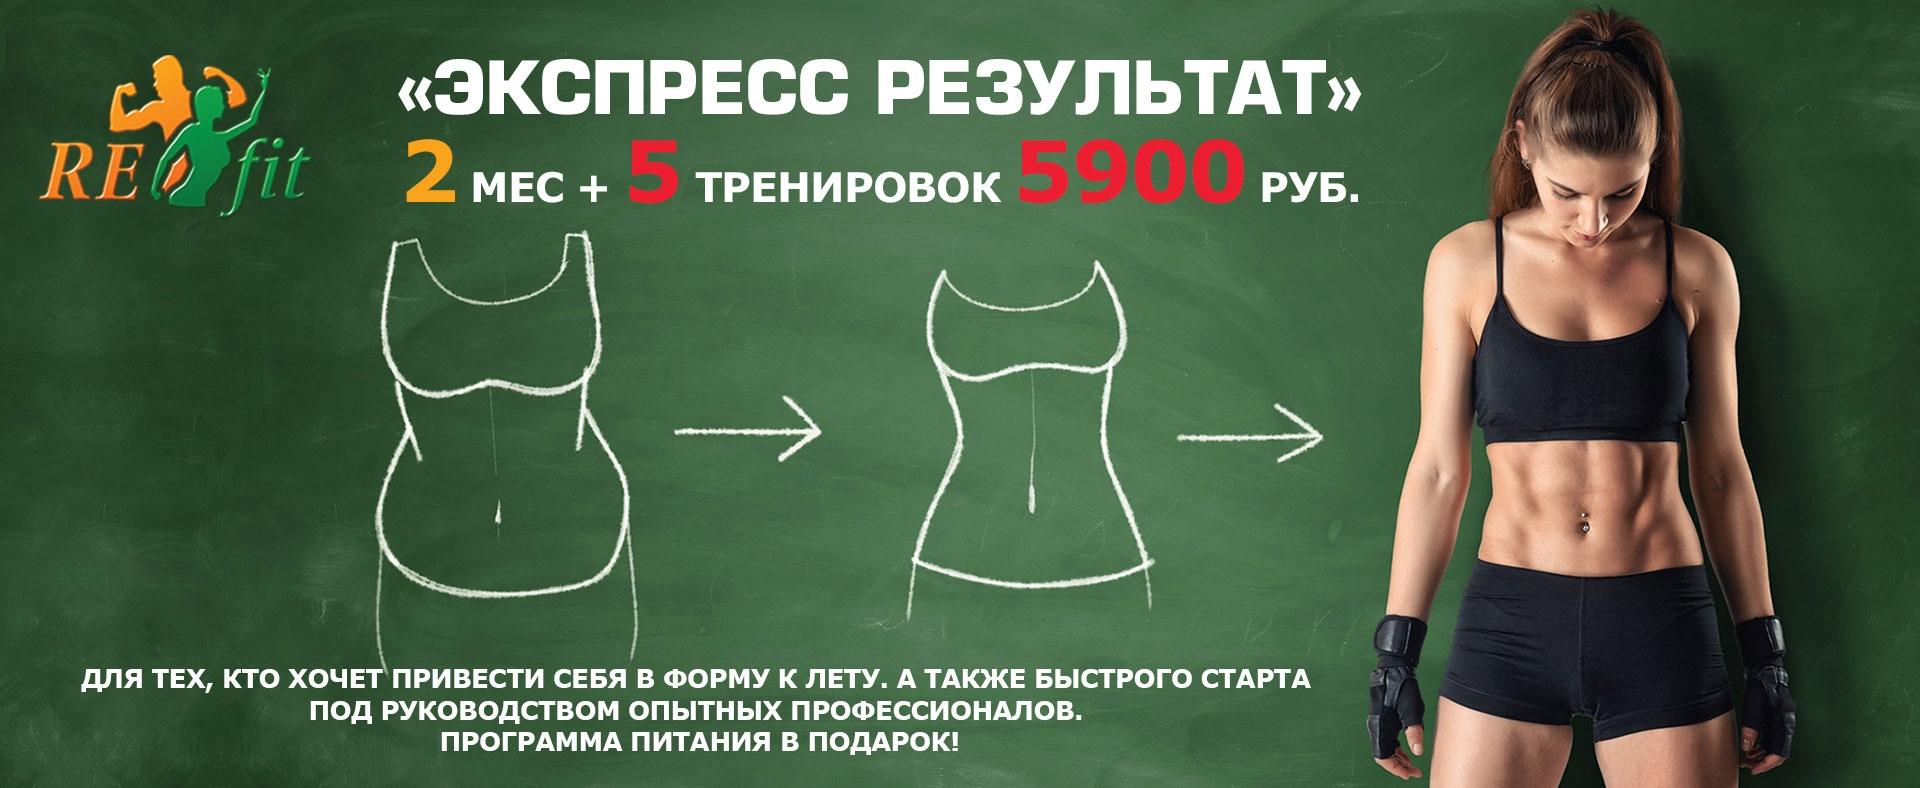 Экспресс результат 2 мес + 5 тренировок за 5900 руб.